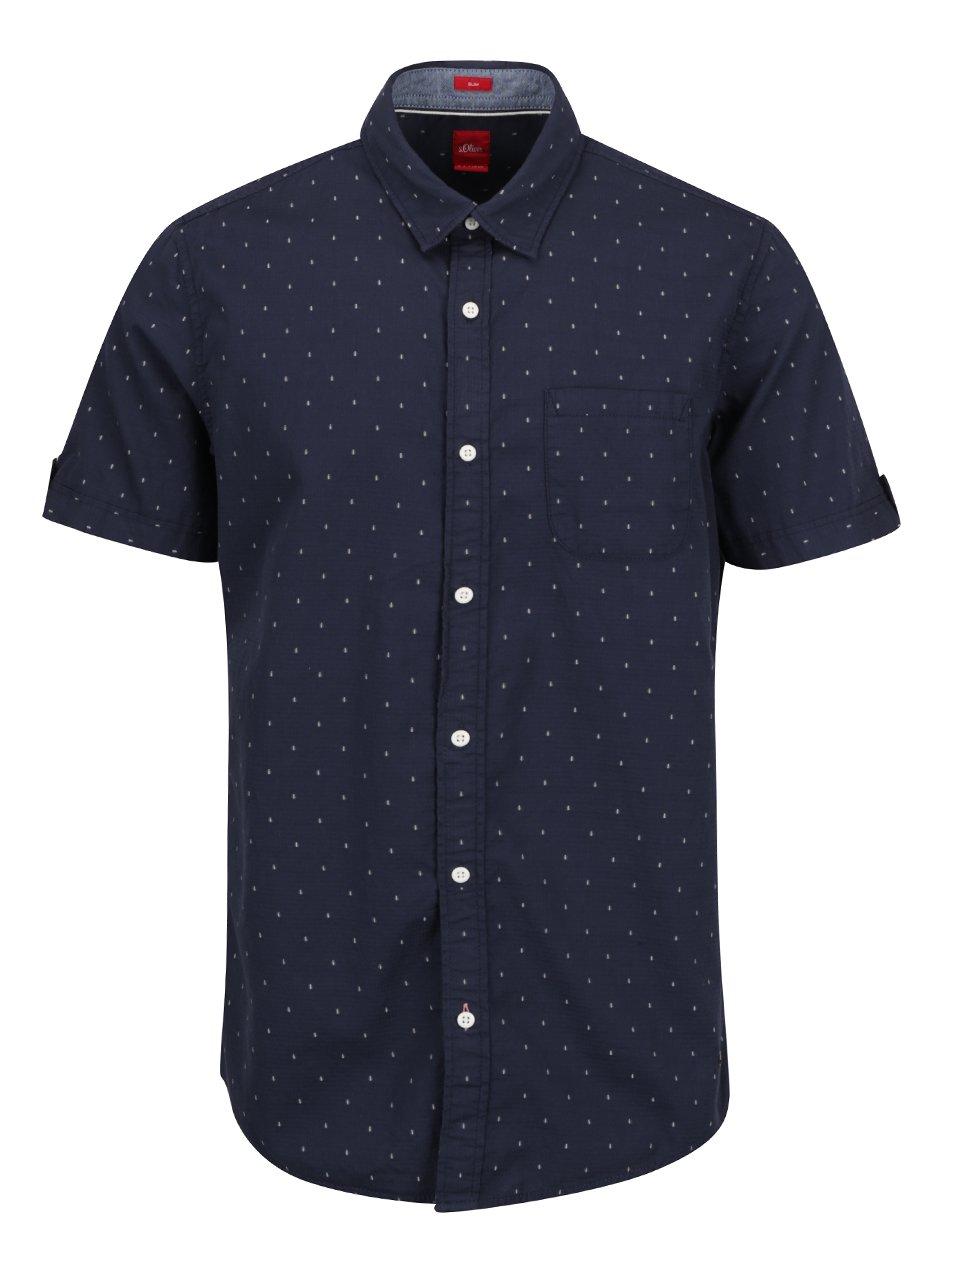 Tmavě modrá pánská slim fit košile s jemným vzorem s.Oliver